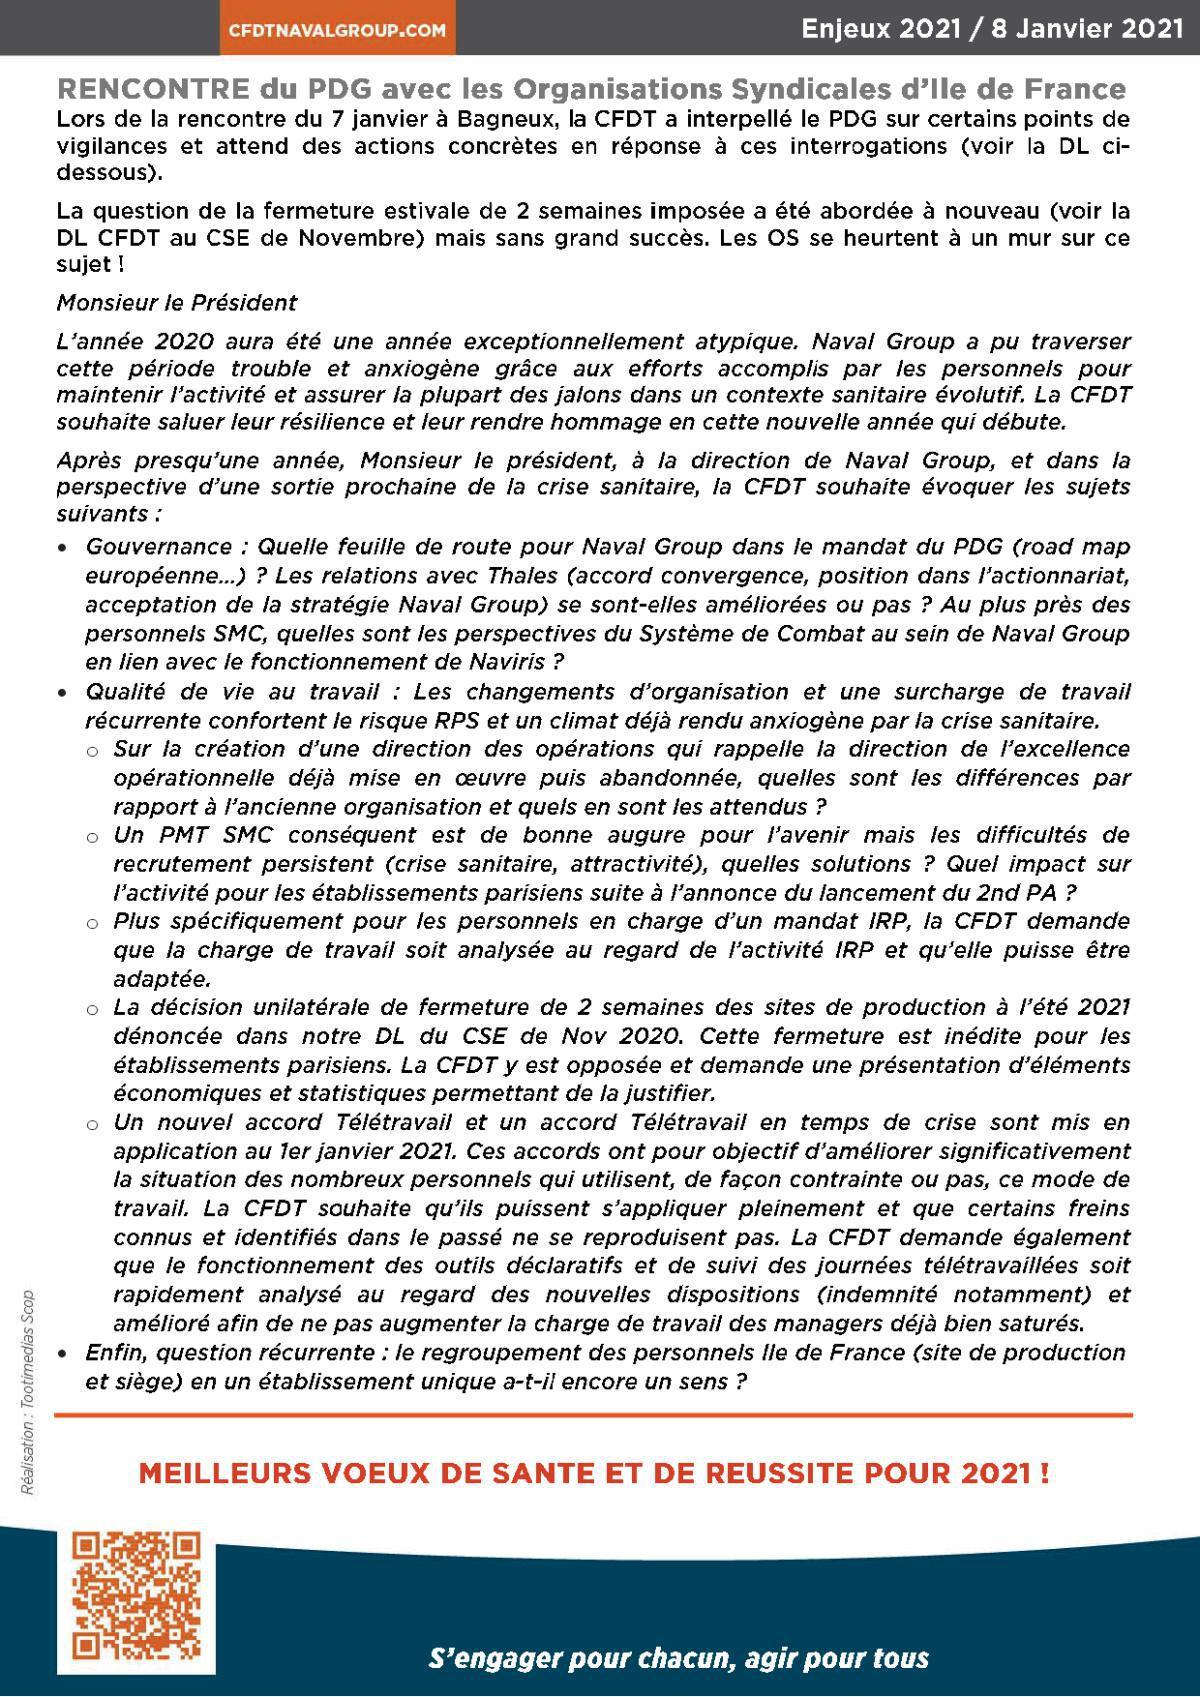 Les enjeux 2021 _ La CFDT engagée sur la négociation QVT